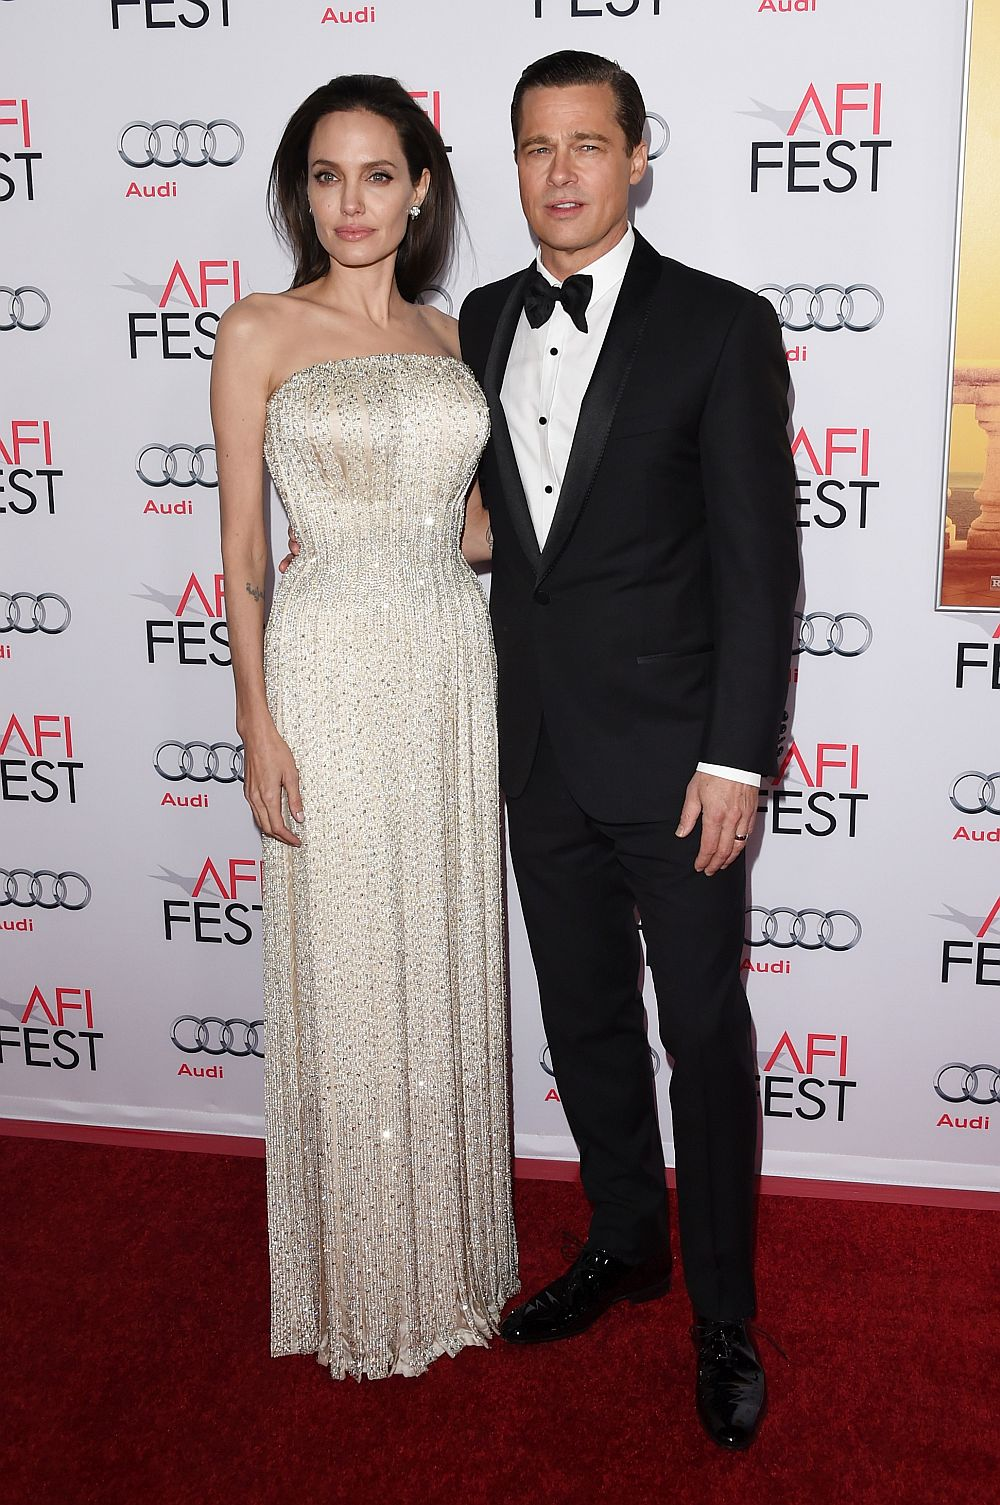 Брад Пит и Анджелина Джоли се разделиха през 2016 година. Двамата имаха дълга връзка, а през 2014 година се ожениха